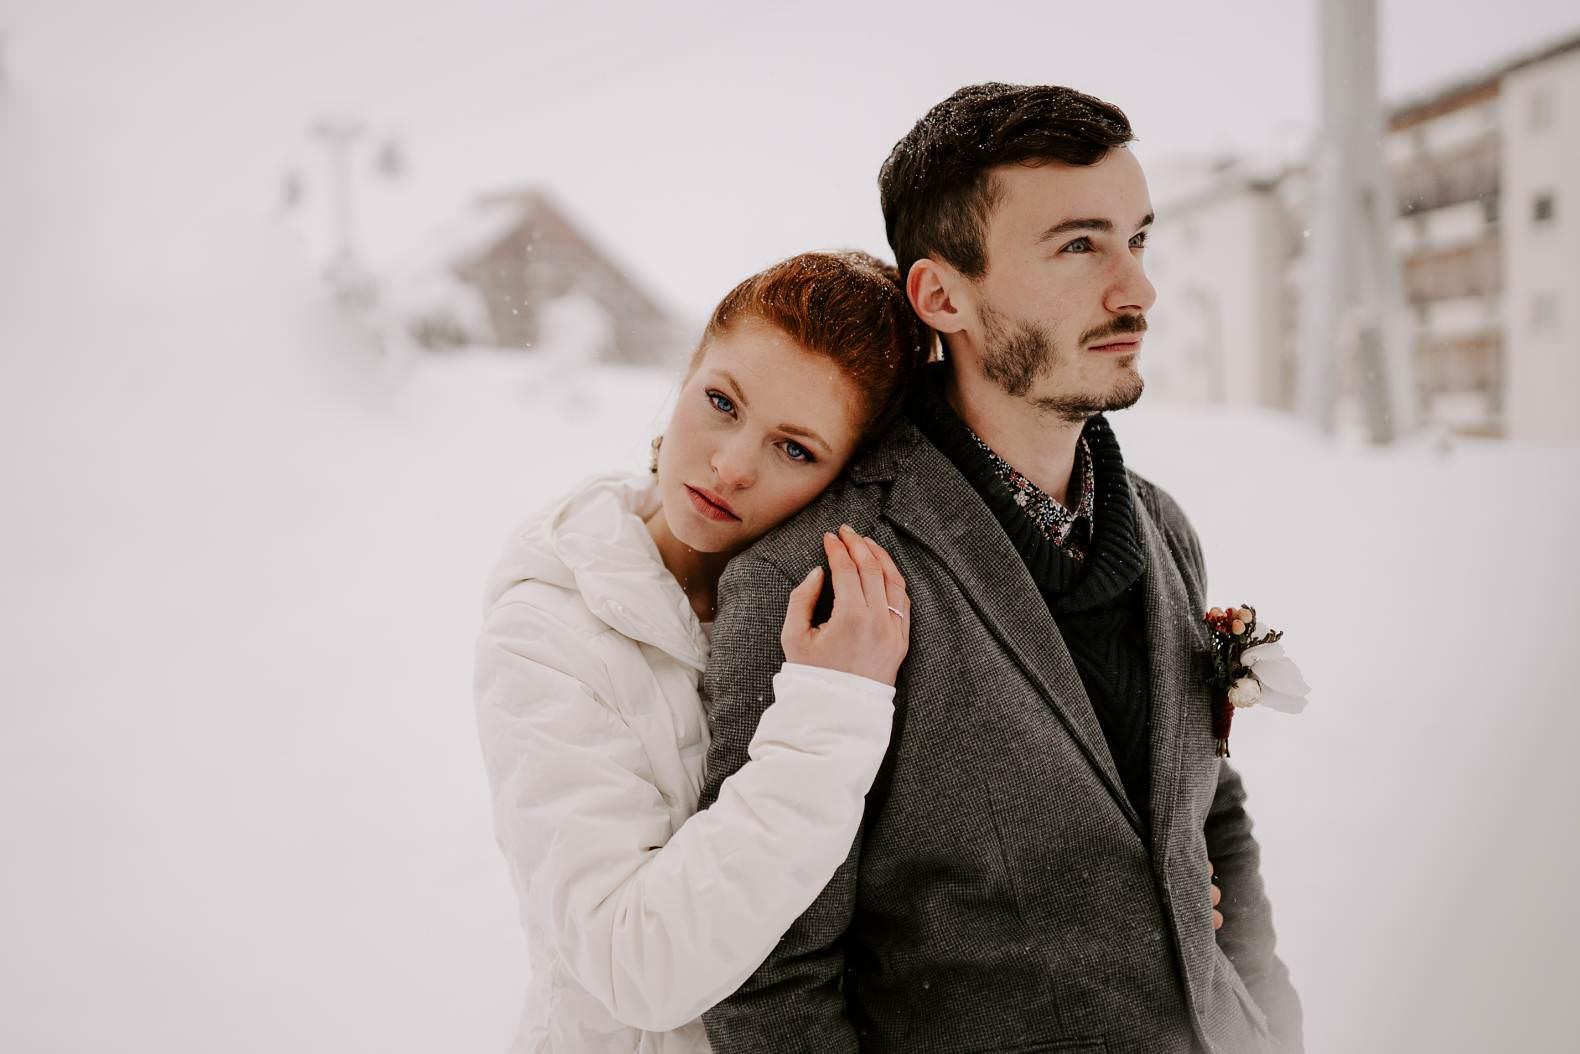 mariage hiver alpes huez isere hotel grandes rousses photographe bel esprit 0030